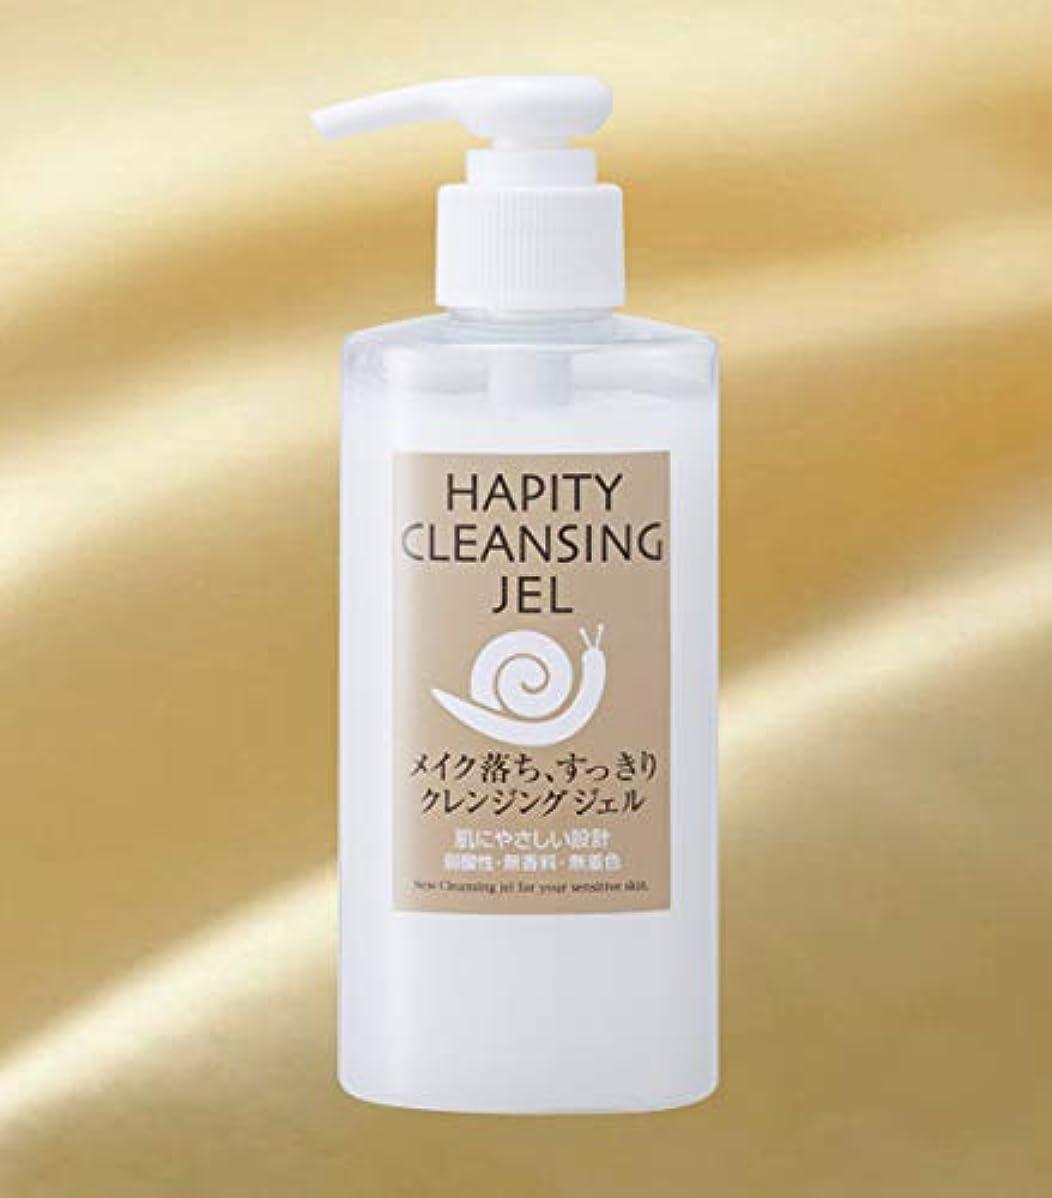 原子炉大惨事完璧ハピティ クレンジングジェル (200g) Hapity Cleansing Jel